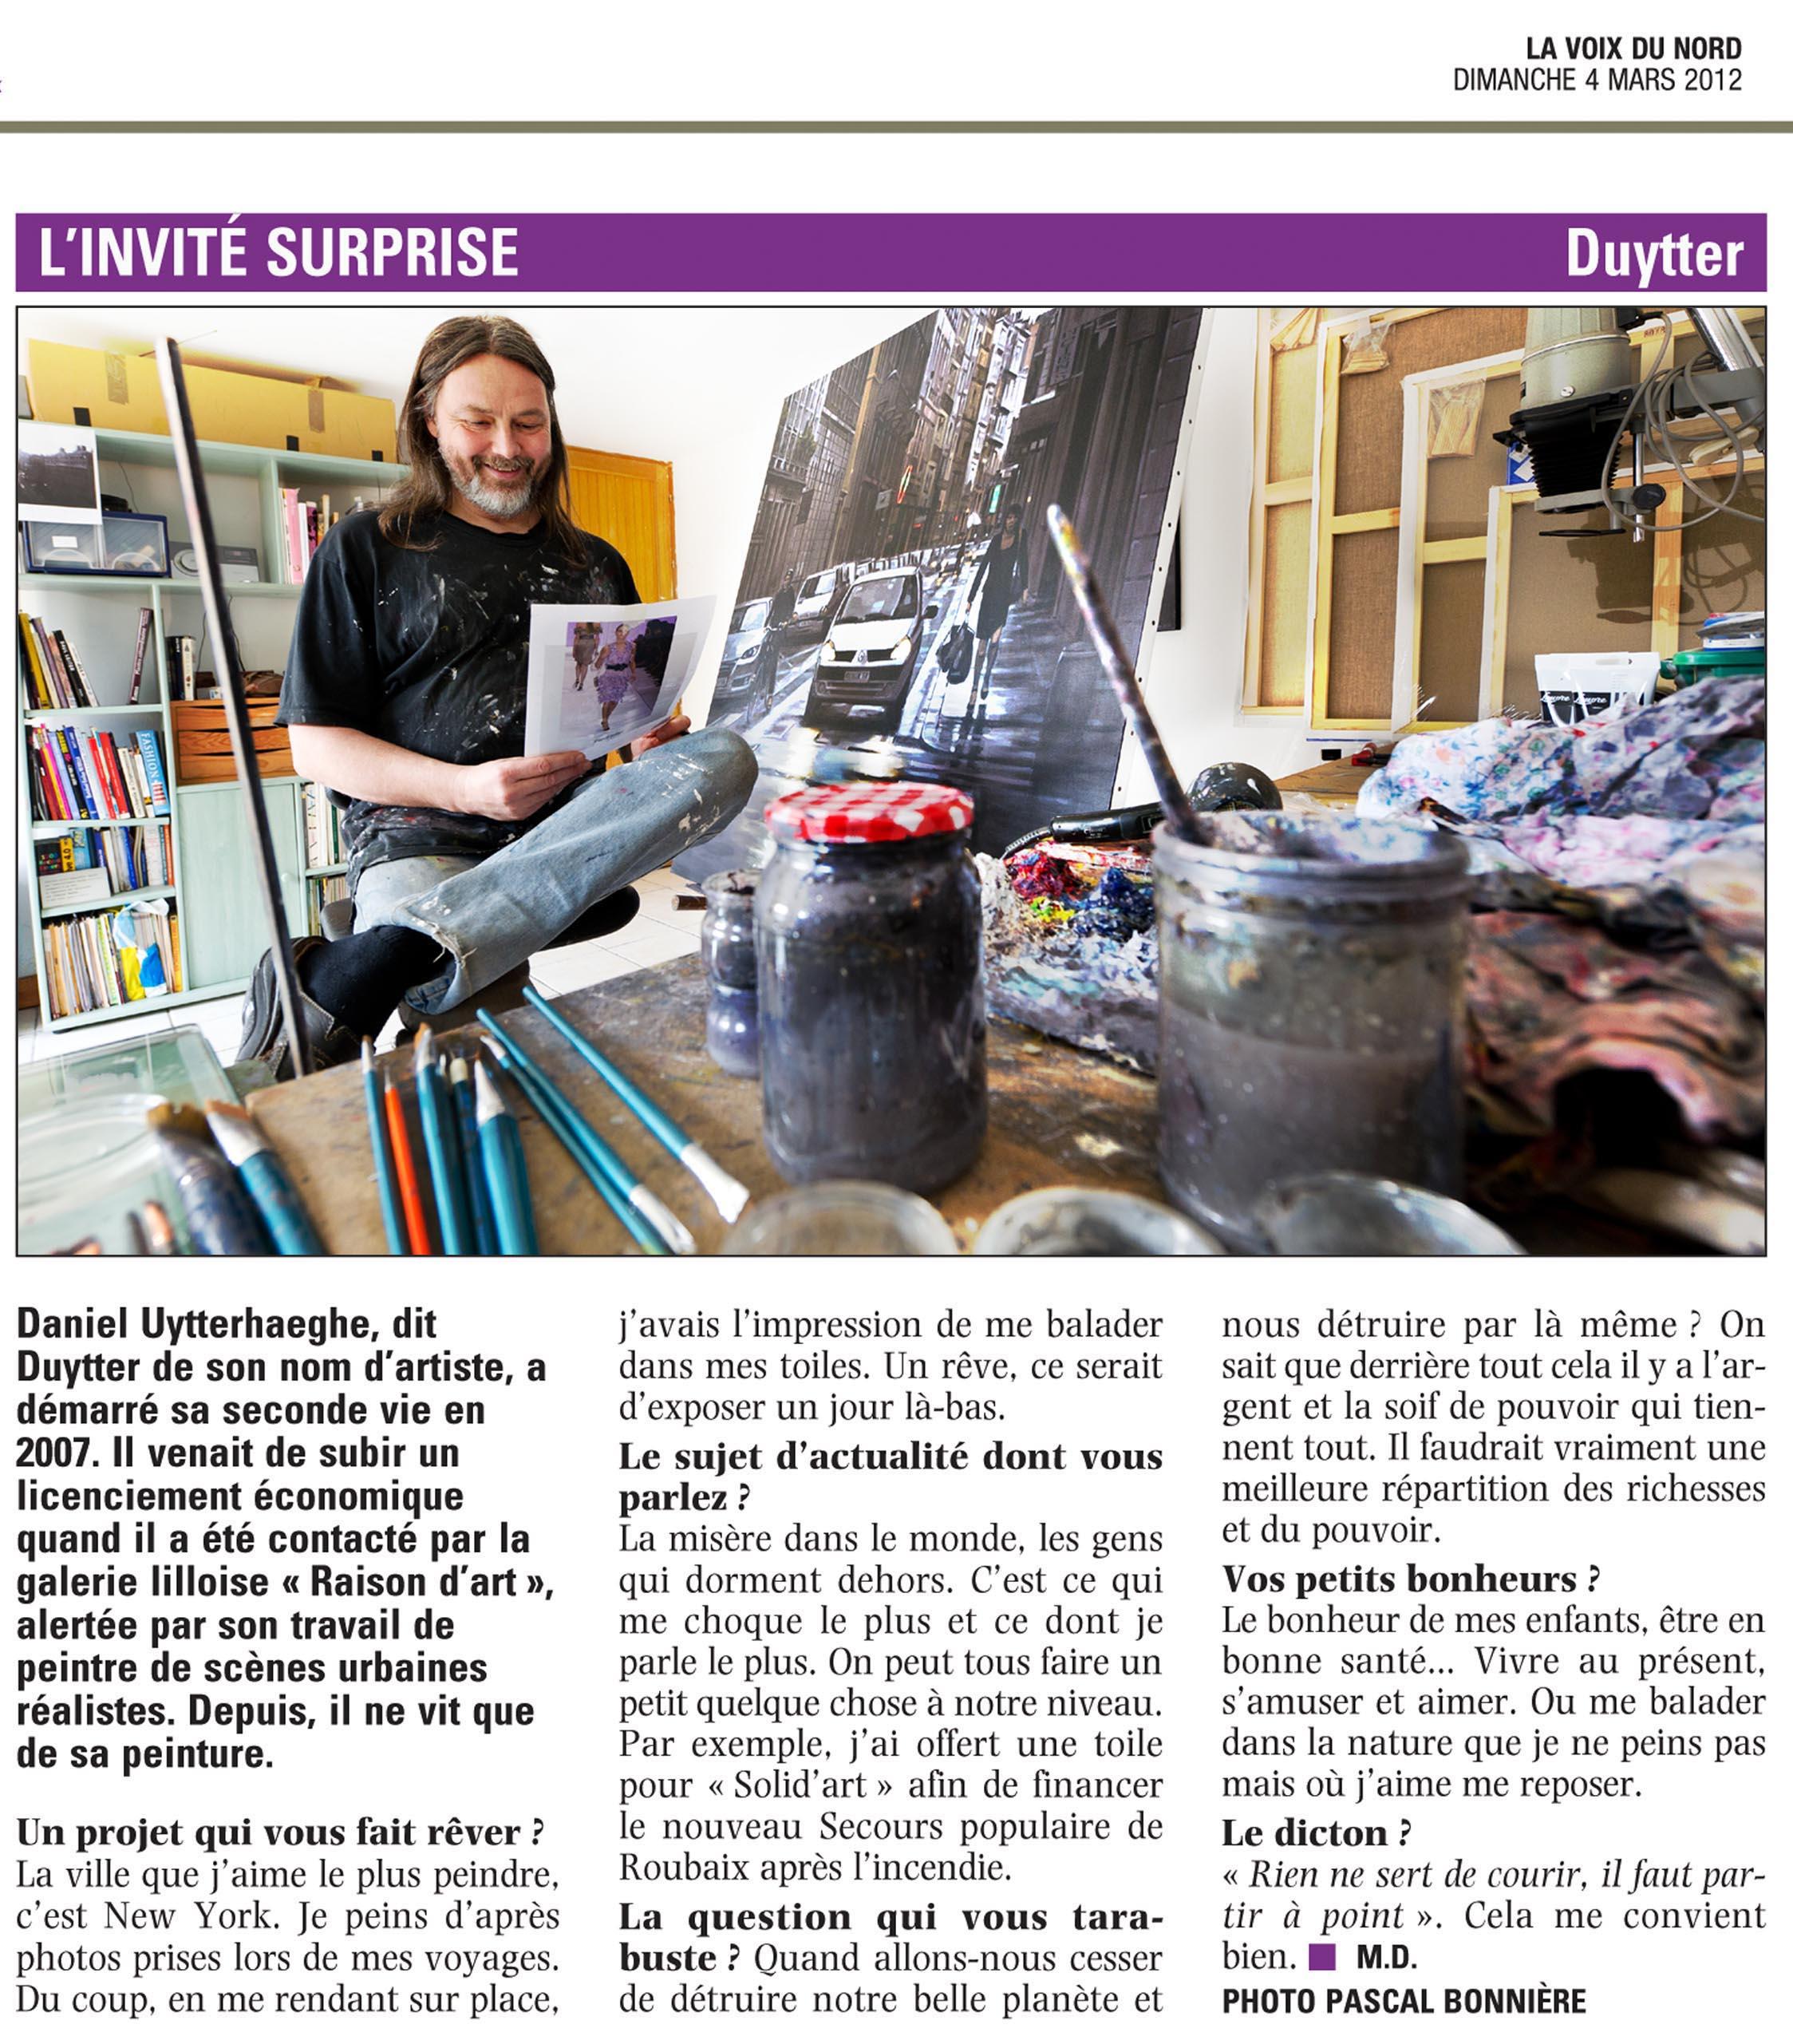 Duytter La Voix Du Nord.jpg